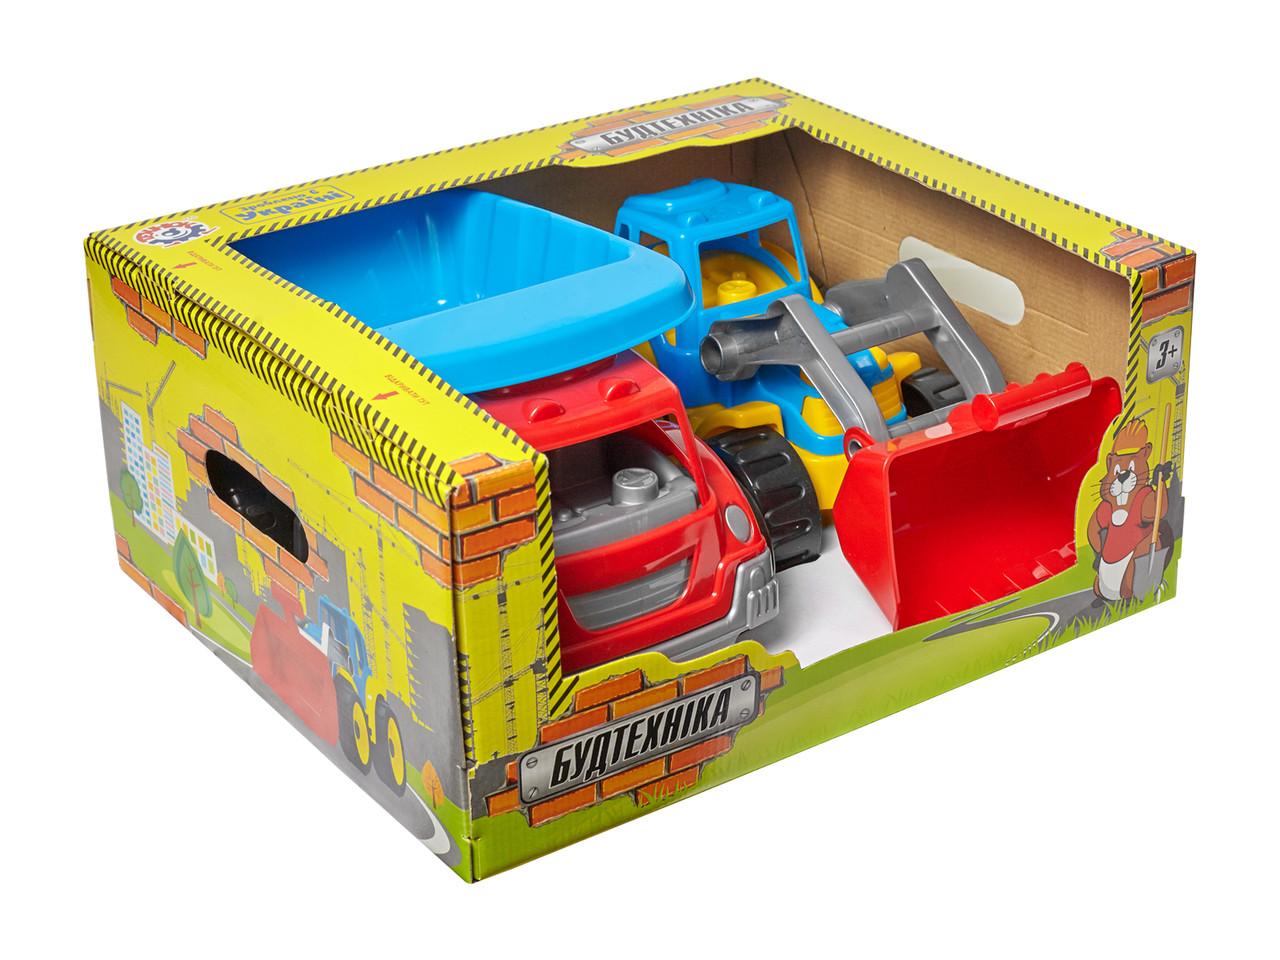 *Транспортна іграшка Будтехніка Технок* 3459